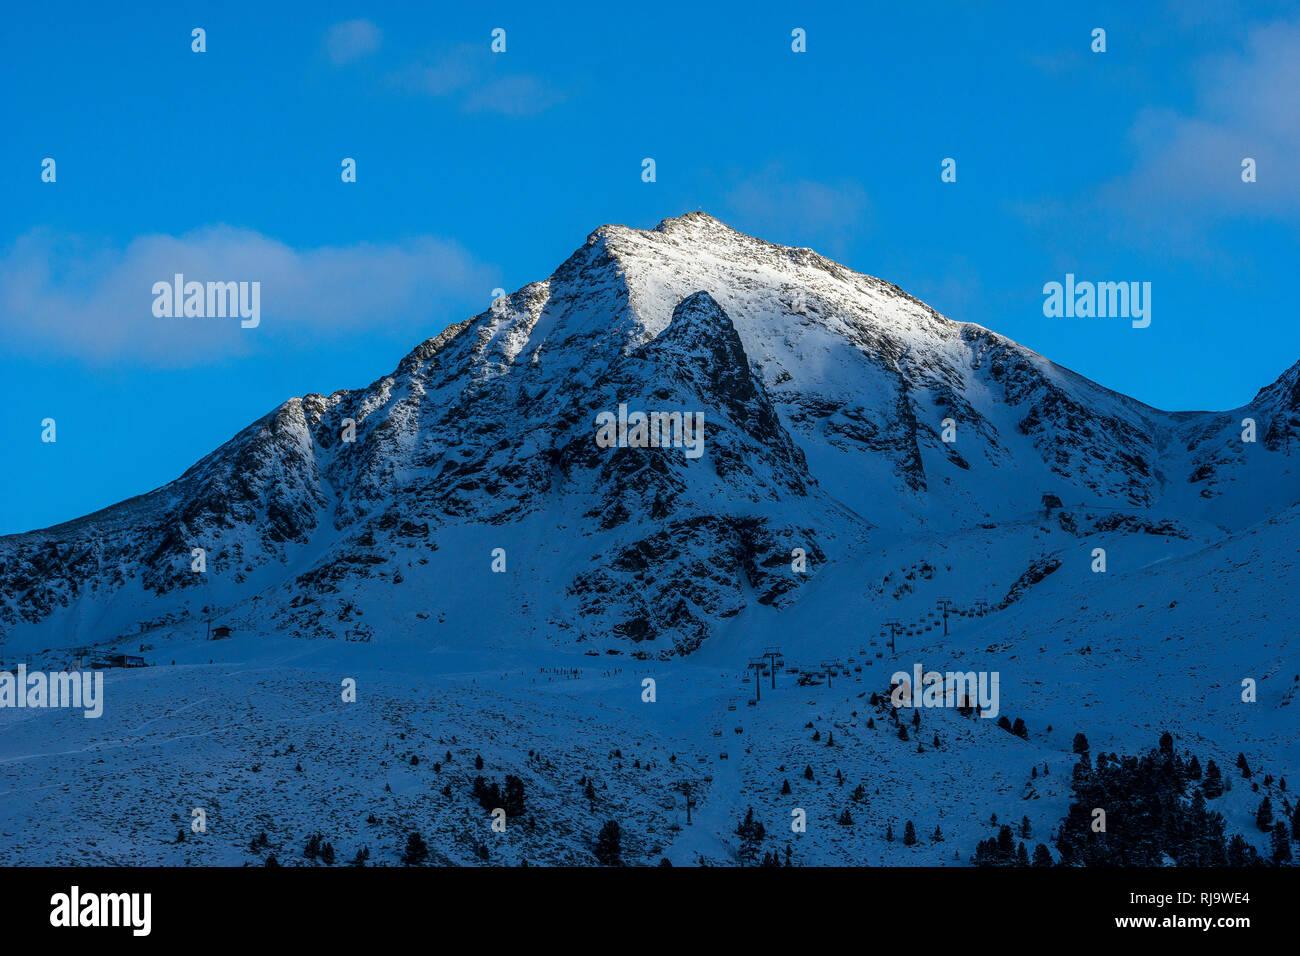 Österreich, Tirol, Stubaier Alpen, Kühtai, Die letzten Sonnenstrahlen auf dem Gipfel des Gaiskogel - Stock Image